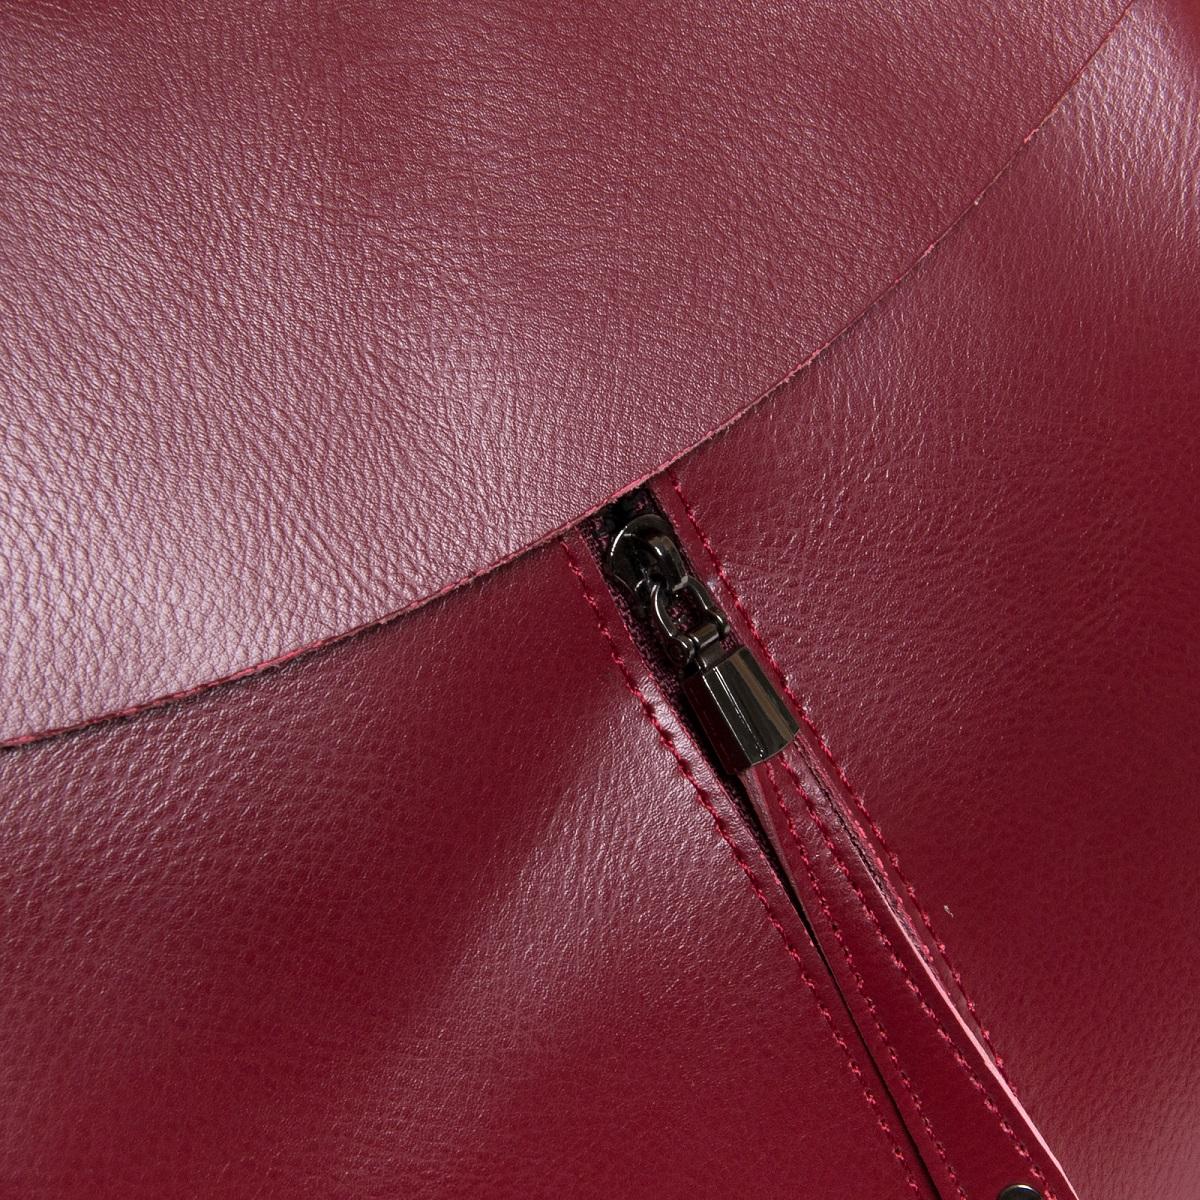 Сумка Женская Рюкзак кожа ALEX RAI 3206 l-red - фото 5